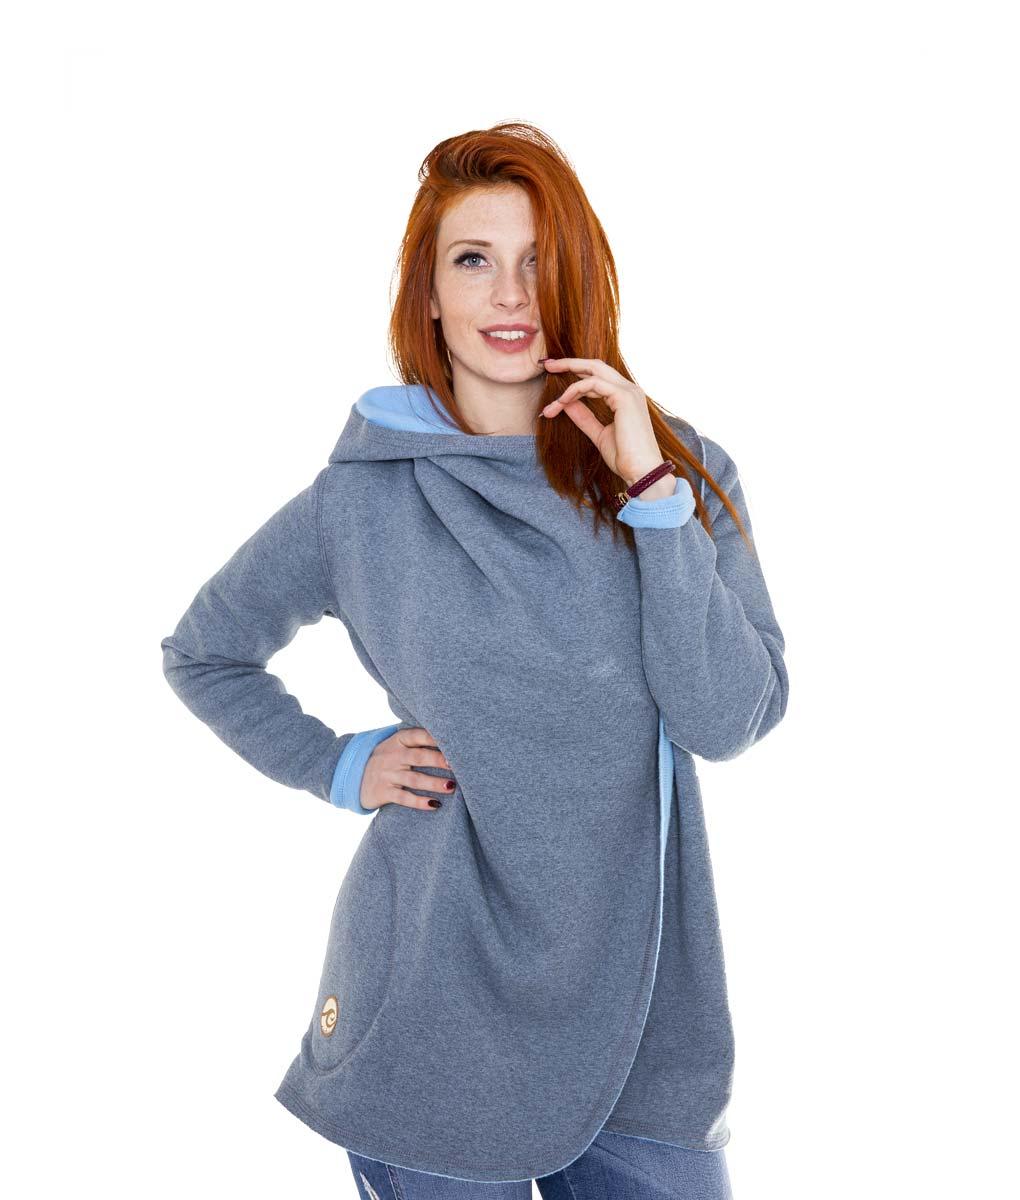 szaro-niebieski płaszcz damski